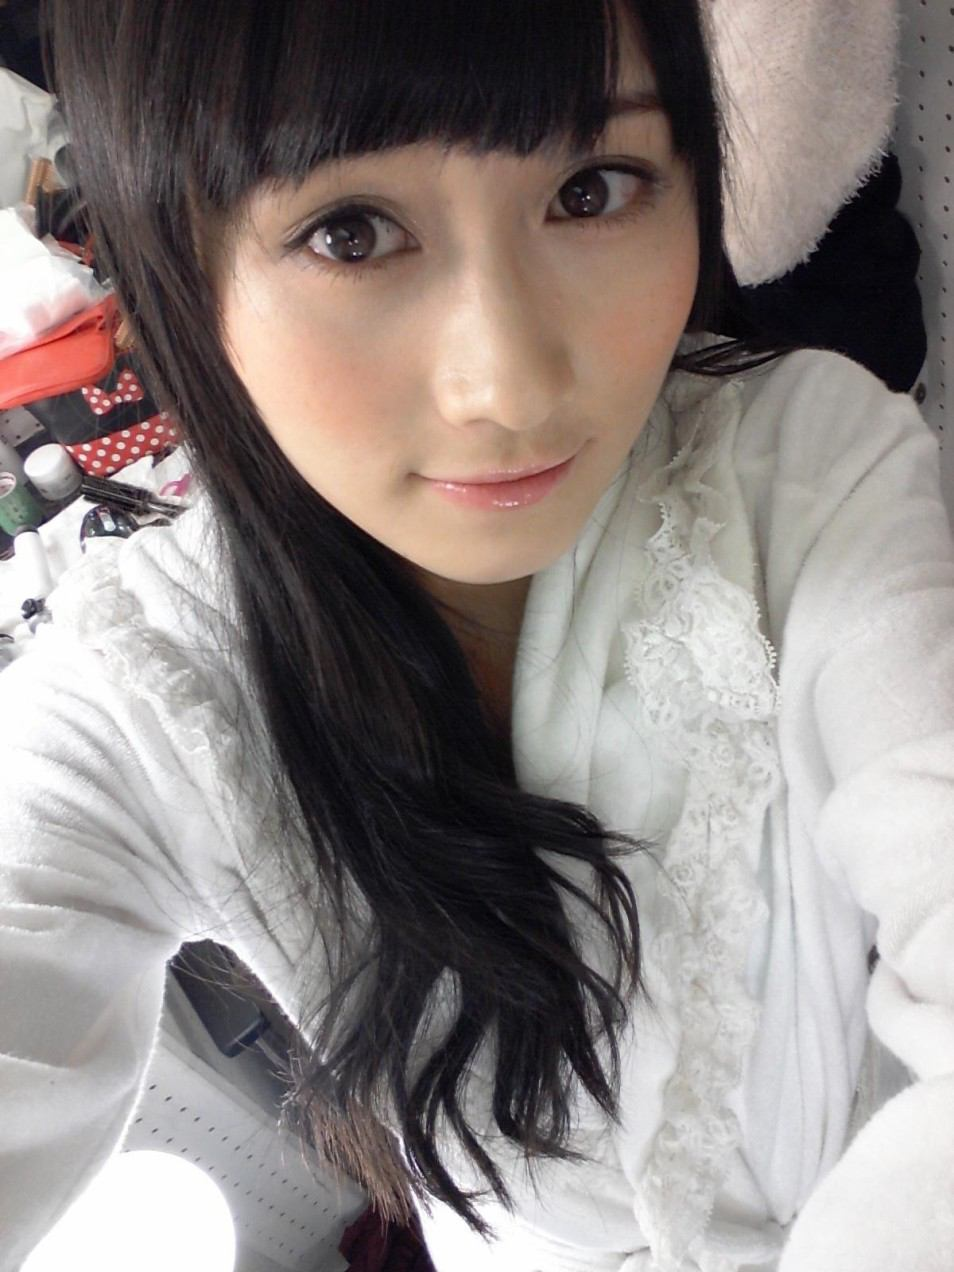 矢倉楓子の画像 p1_13